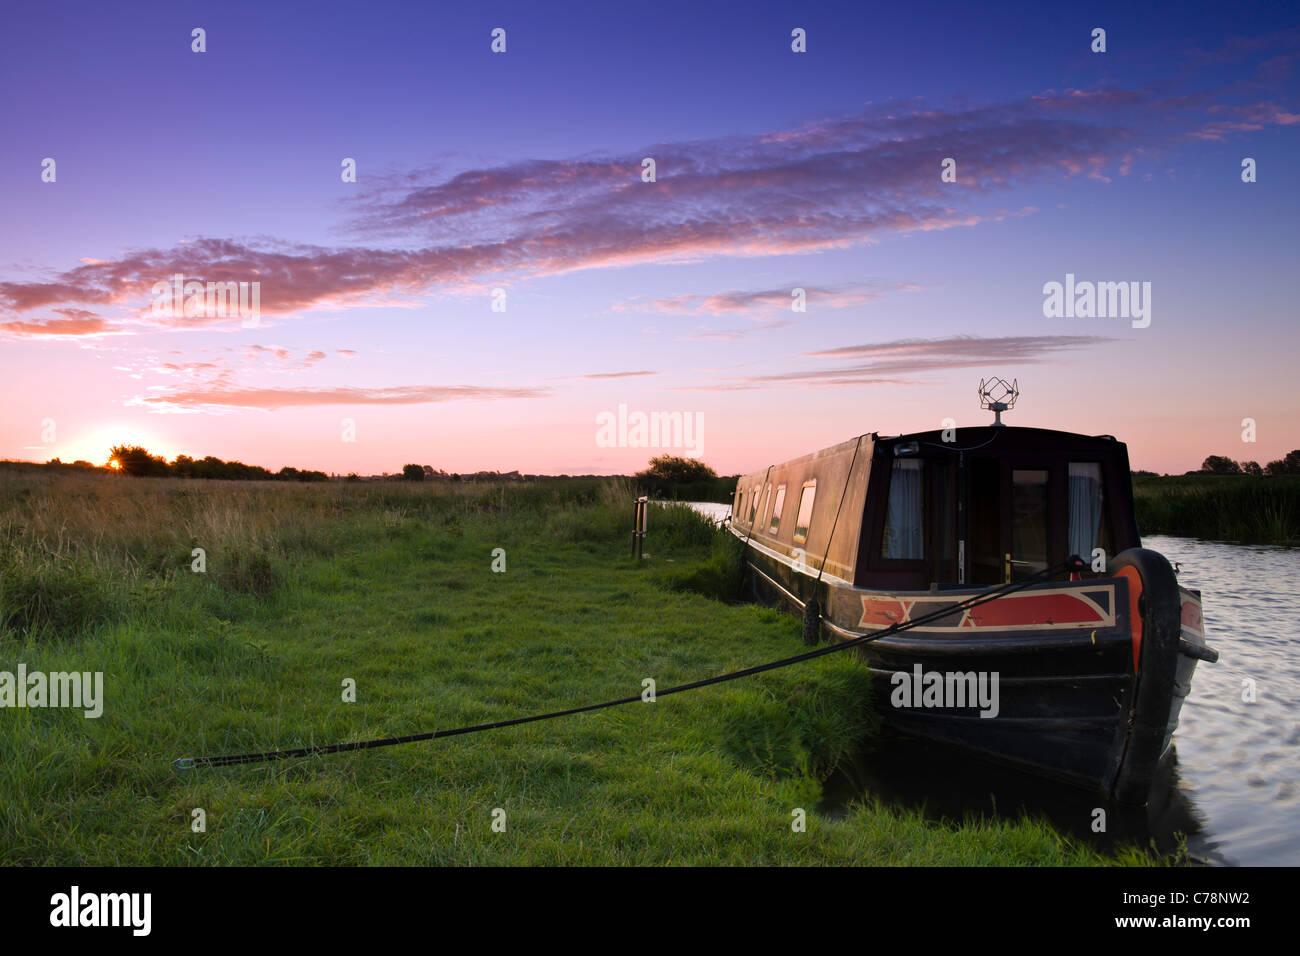 Narrowboat at dawn Photo Stock